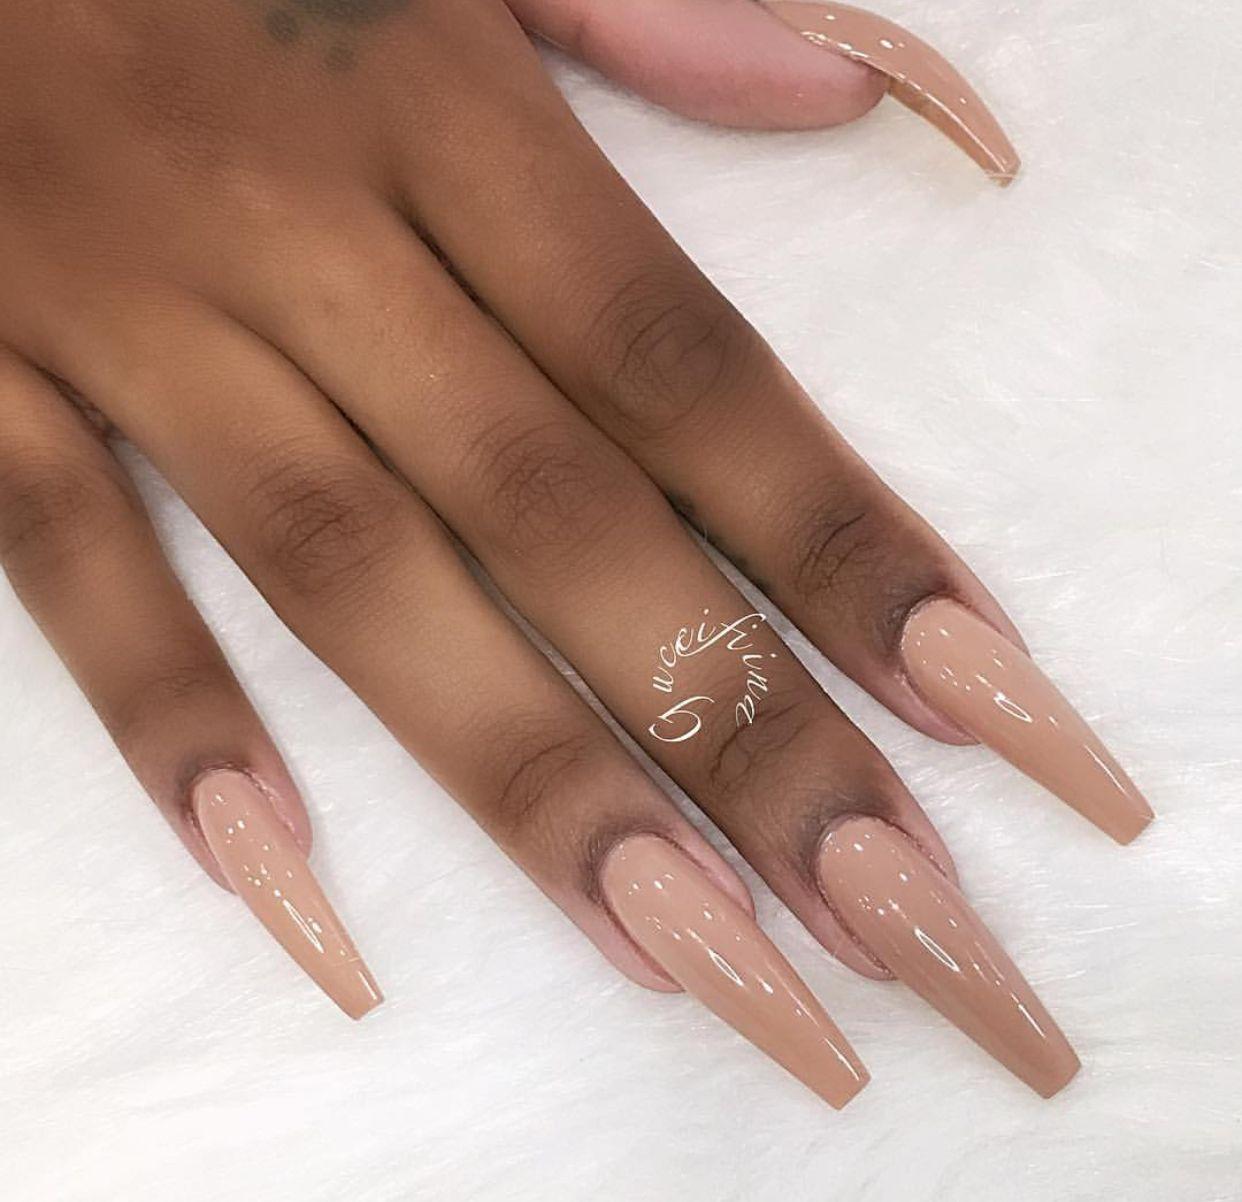 Elizabethhernandez Tan Nails Long Acrylic Nails Long Nails